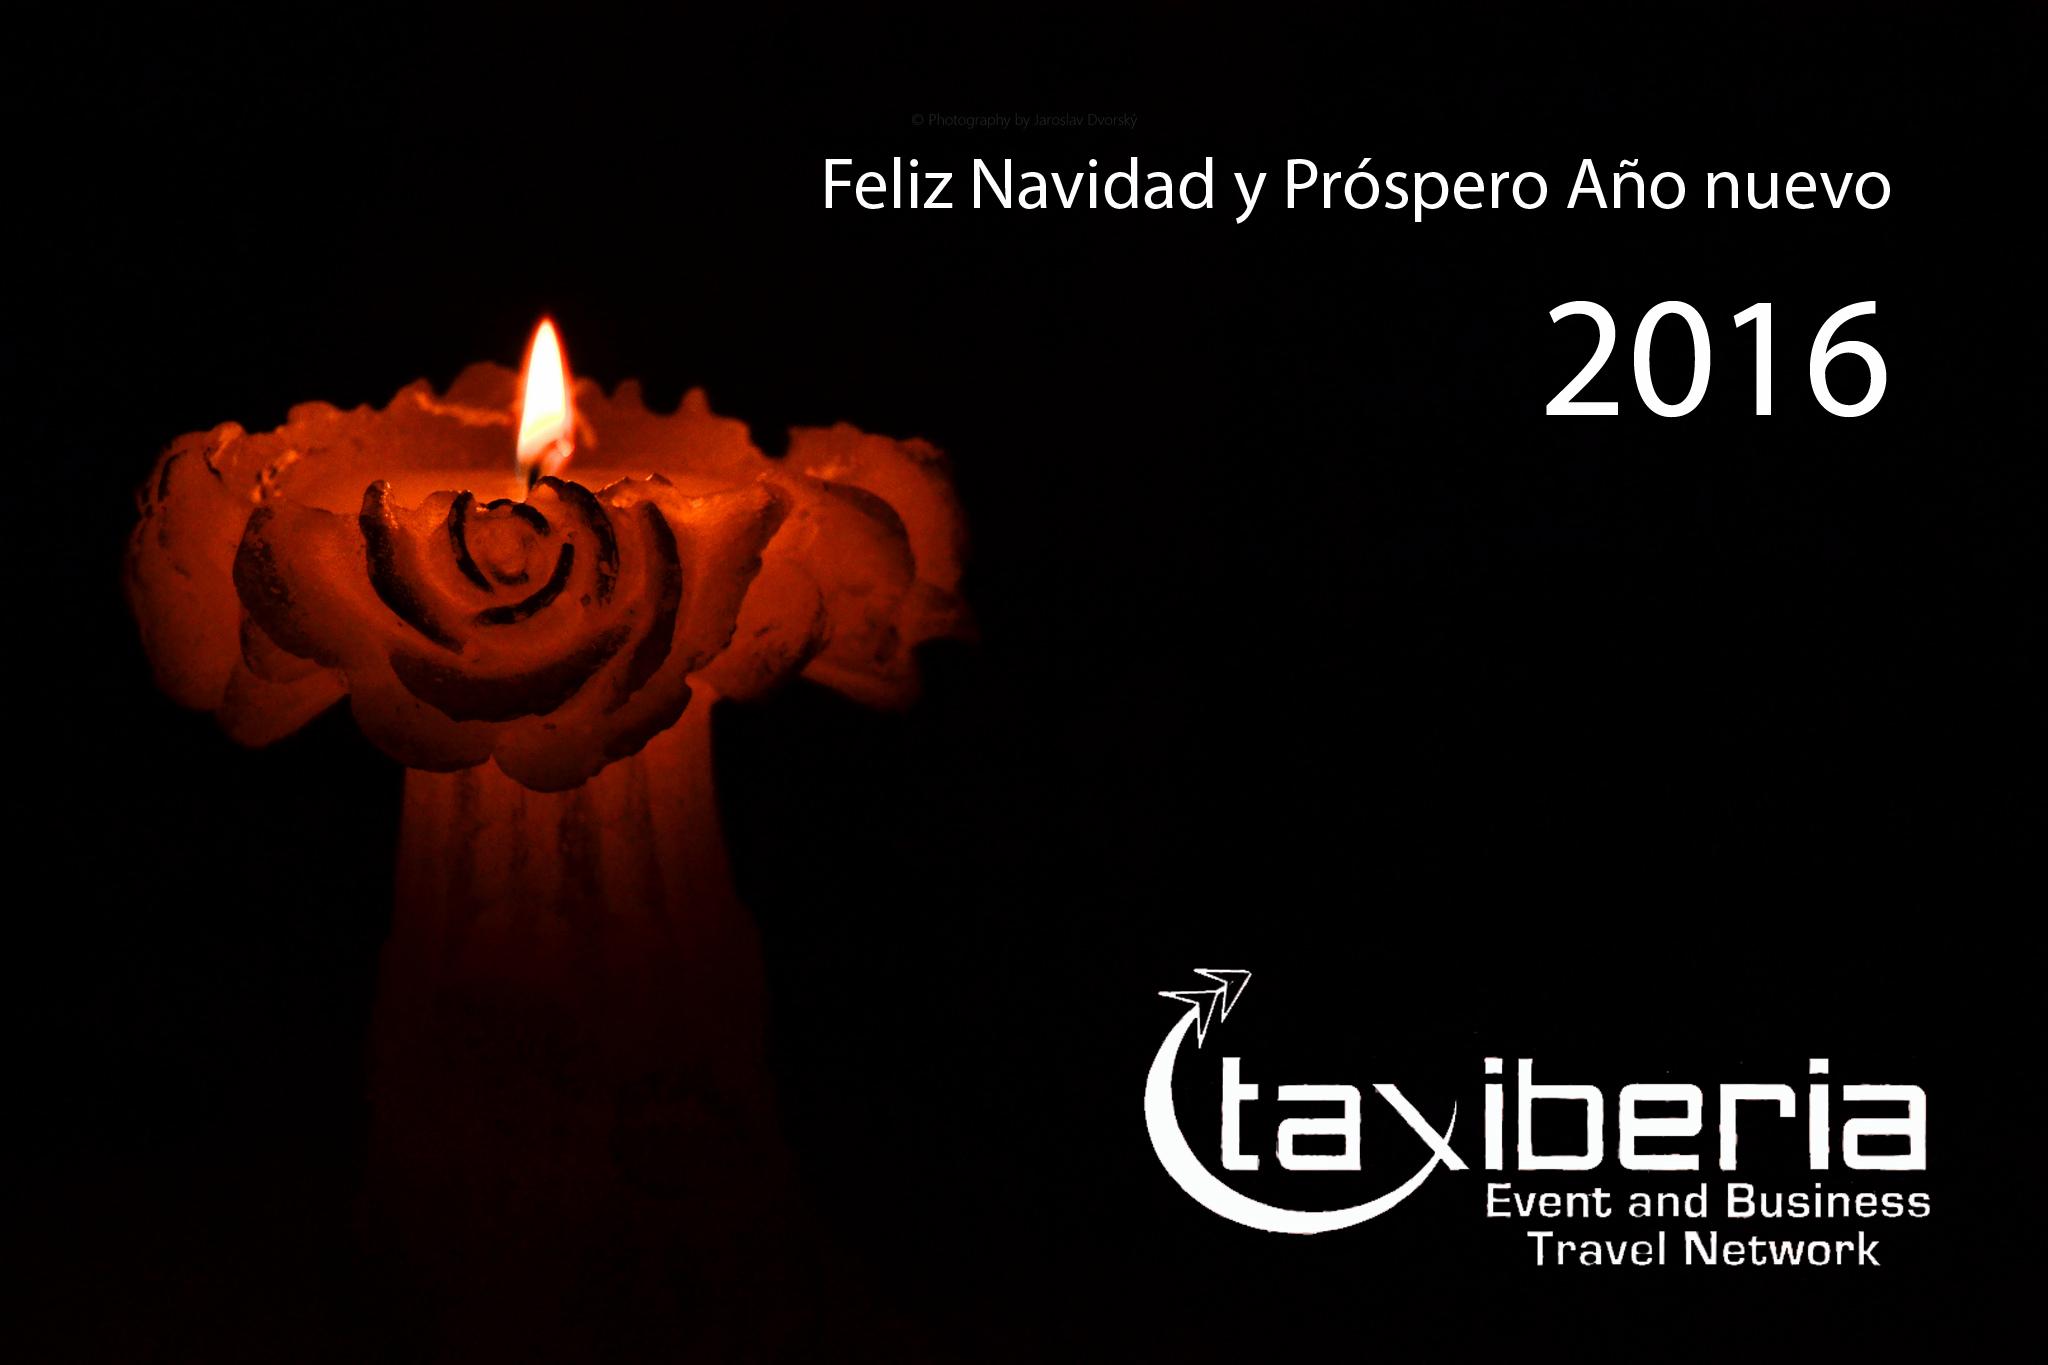 feliz-navidad-2016-año-nuevo-taxiberia